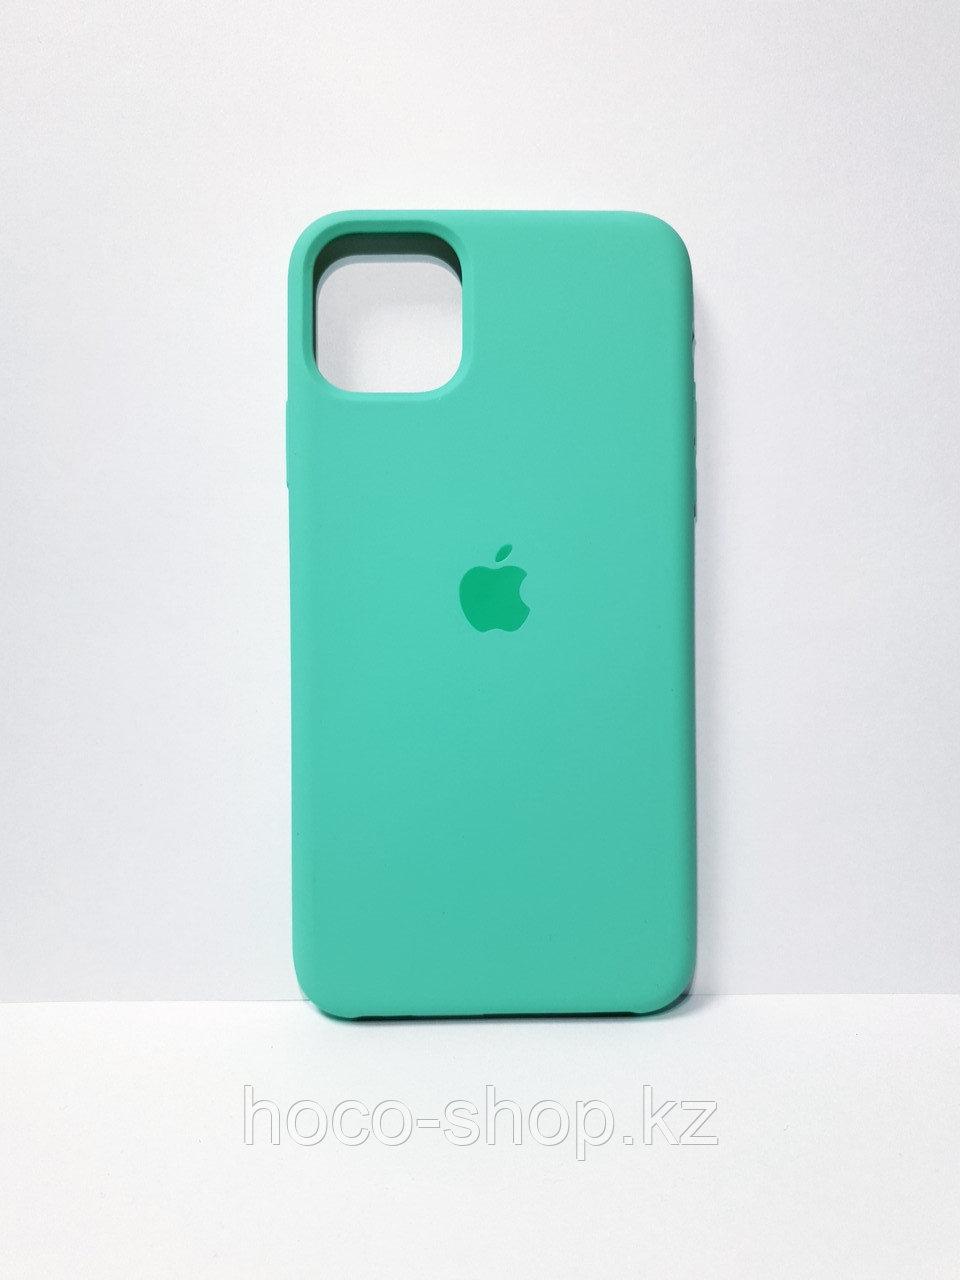 Защитный чехол для iPhone 11 Pro Soft Touch силиконовый, бирюзовый